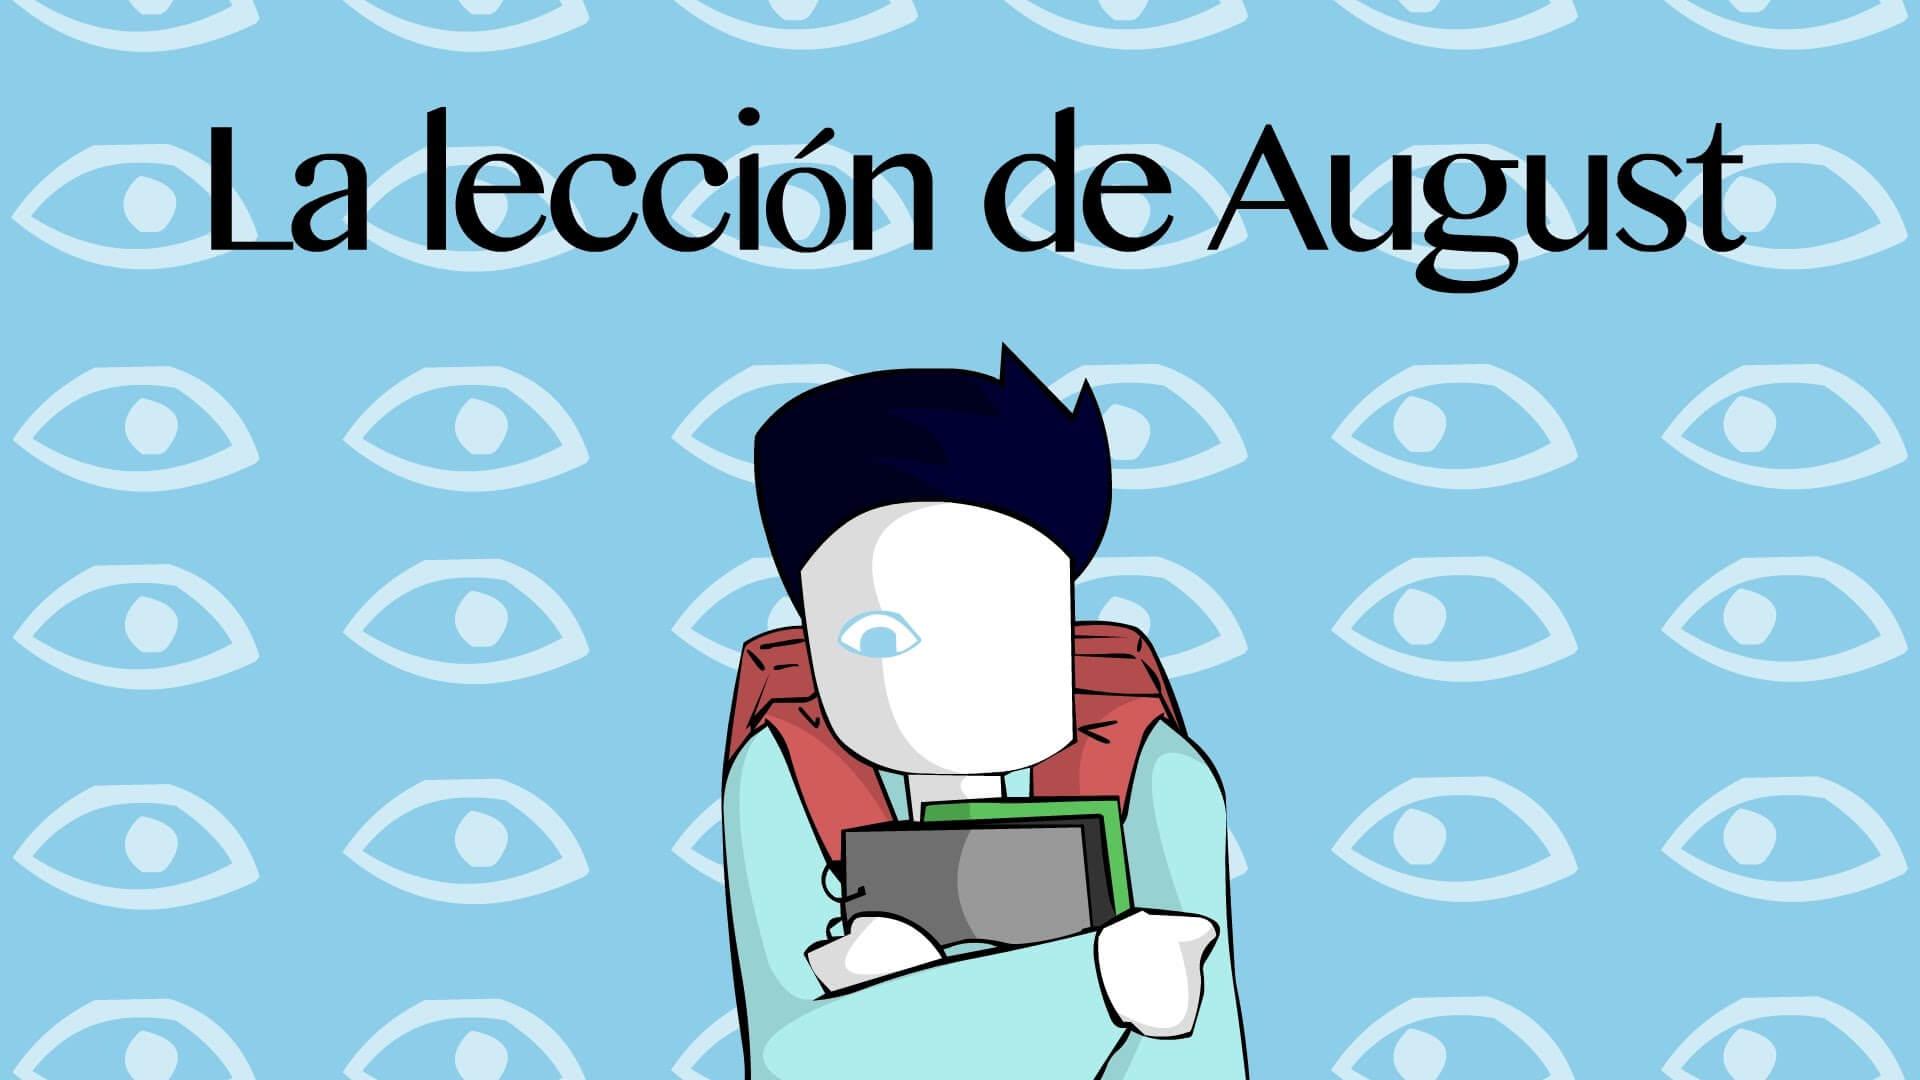 LECCIÓN DE AUGUST BULLYING